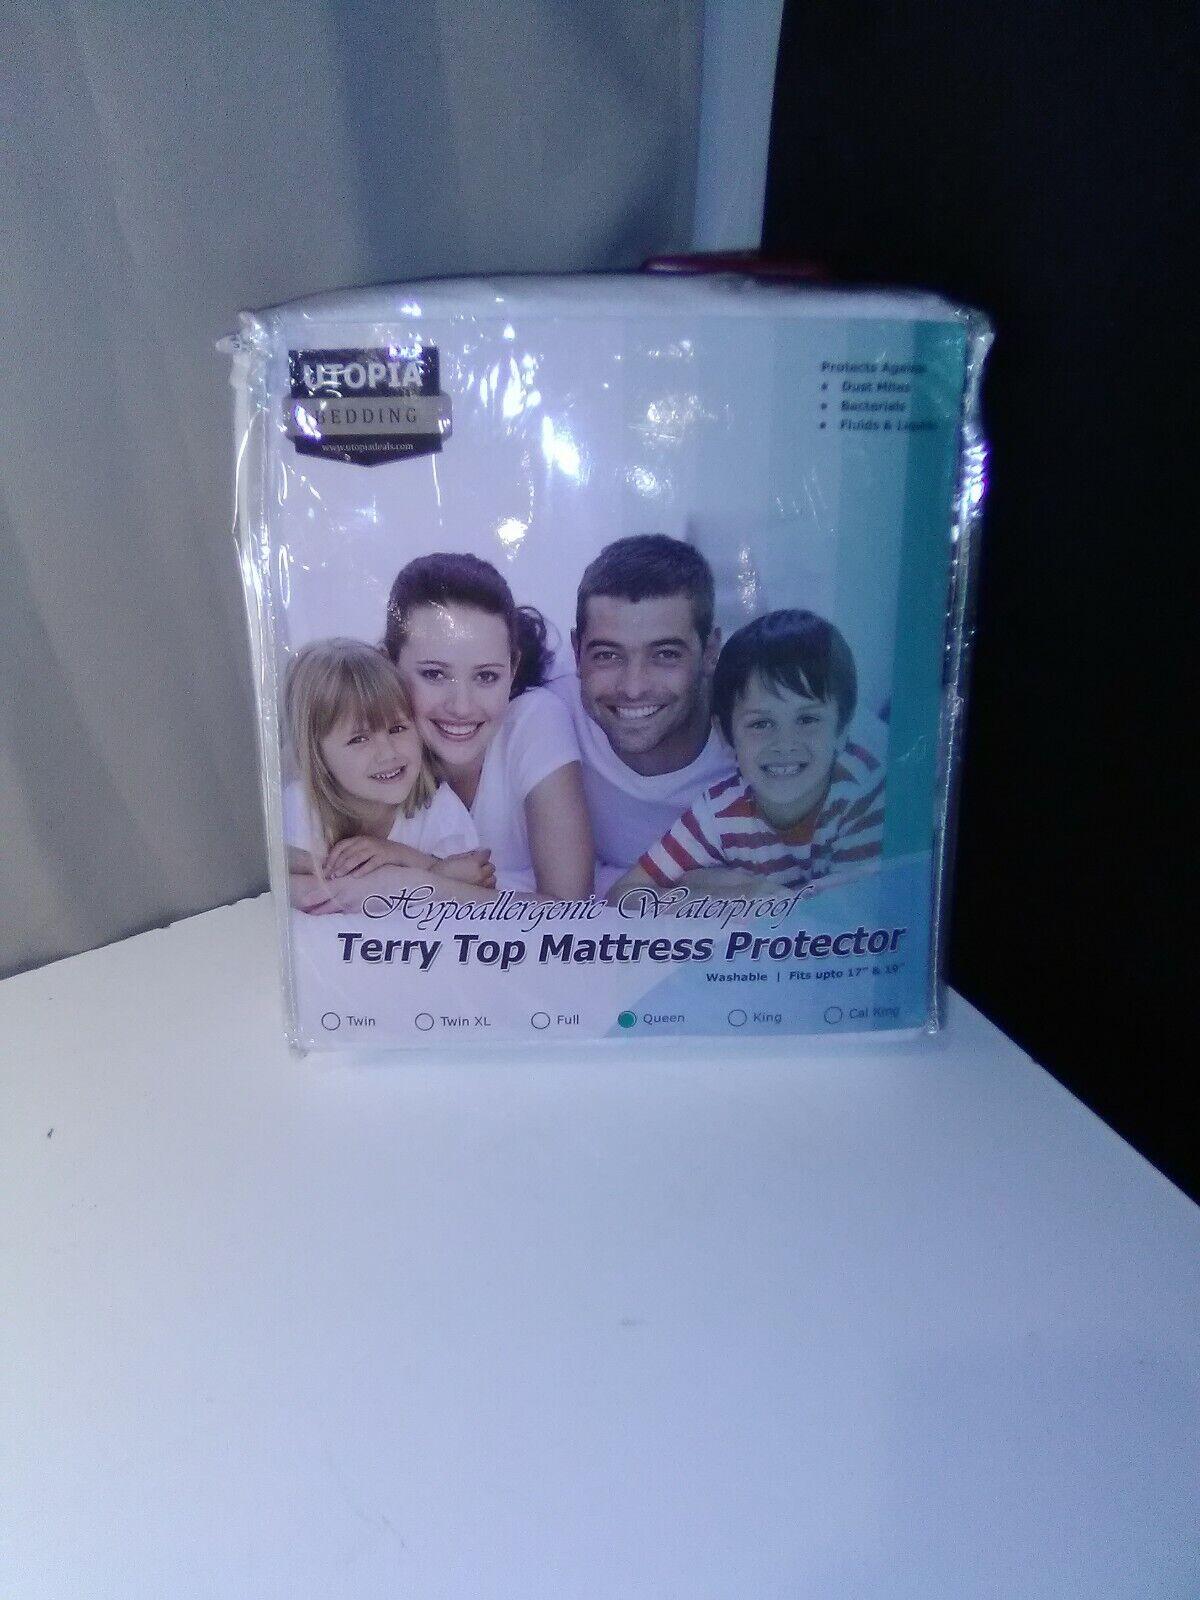 New, Utopia Bedding Hypoallergenic Waterproof Terry Top Matt